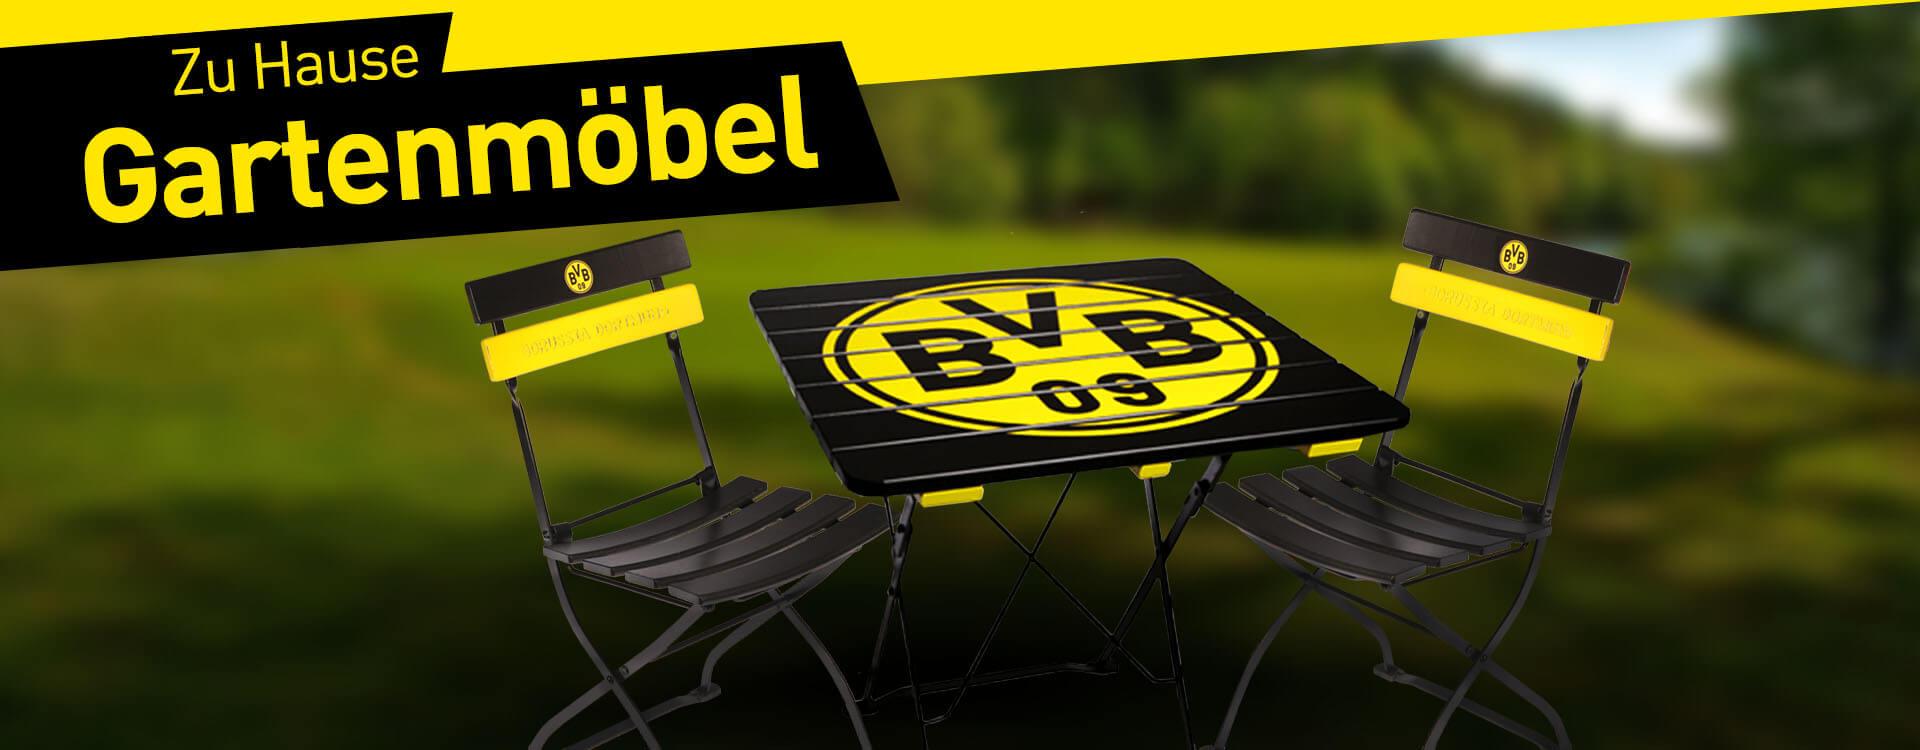 Onlineshop-Kategoriebuehnen-Desktop_Gartenmoebel